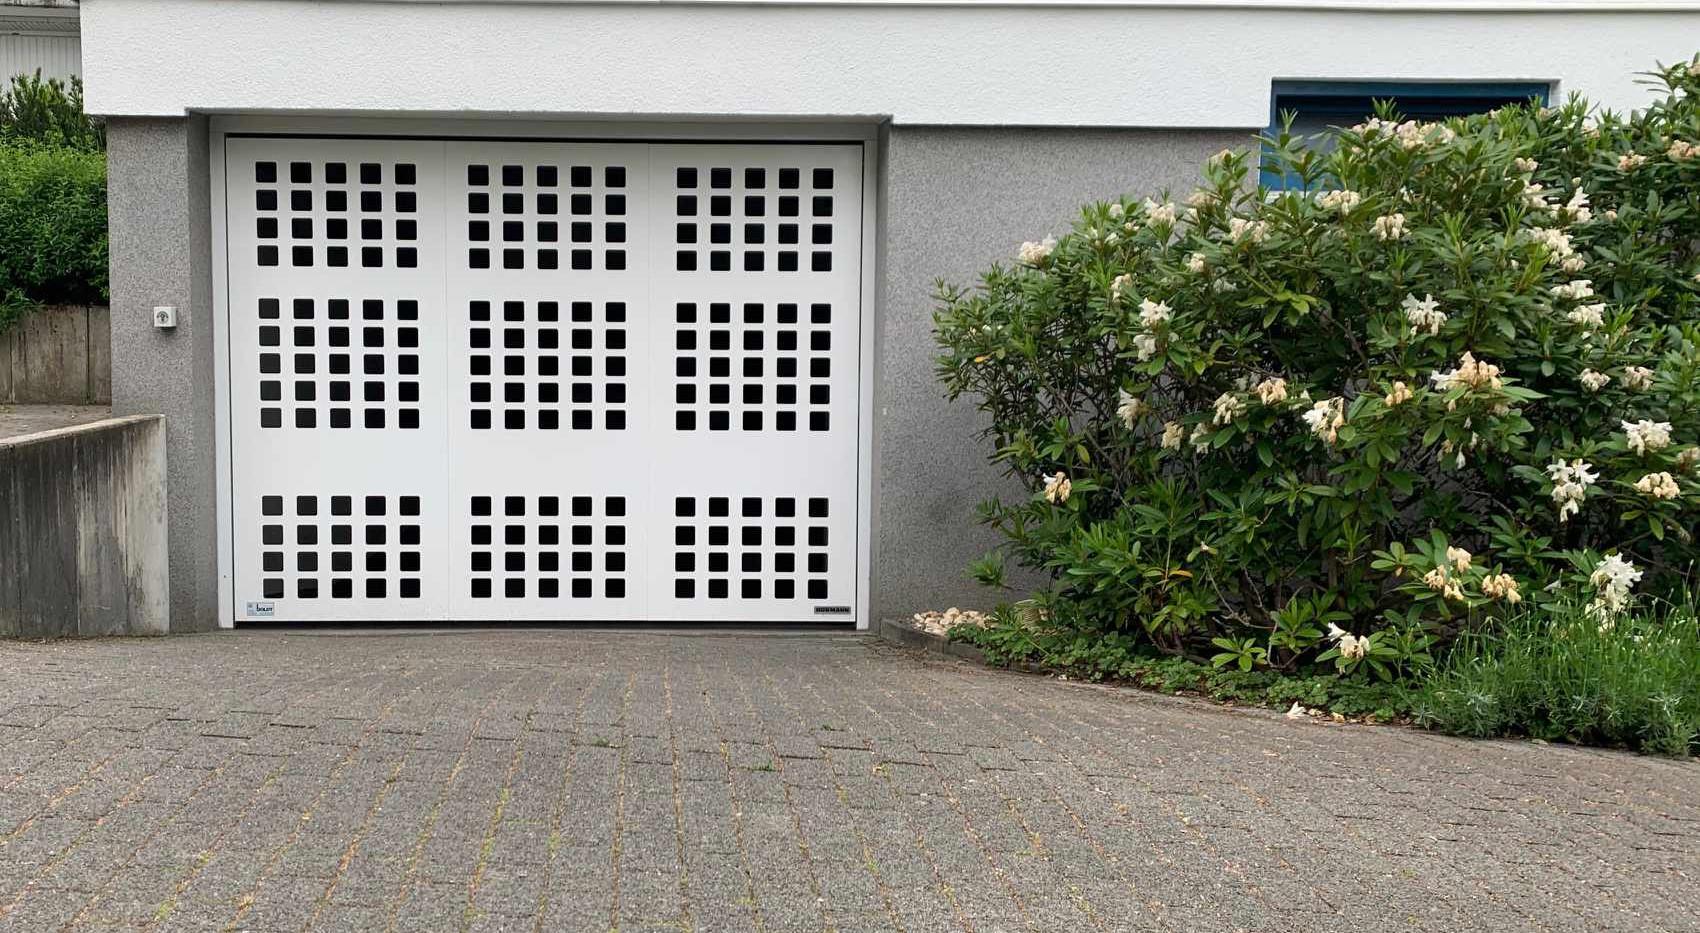 Wohnweisend_Immobilien_Doppelparker_WVME